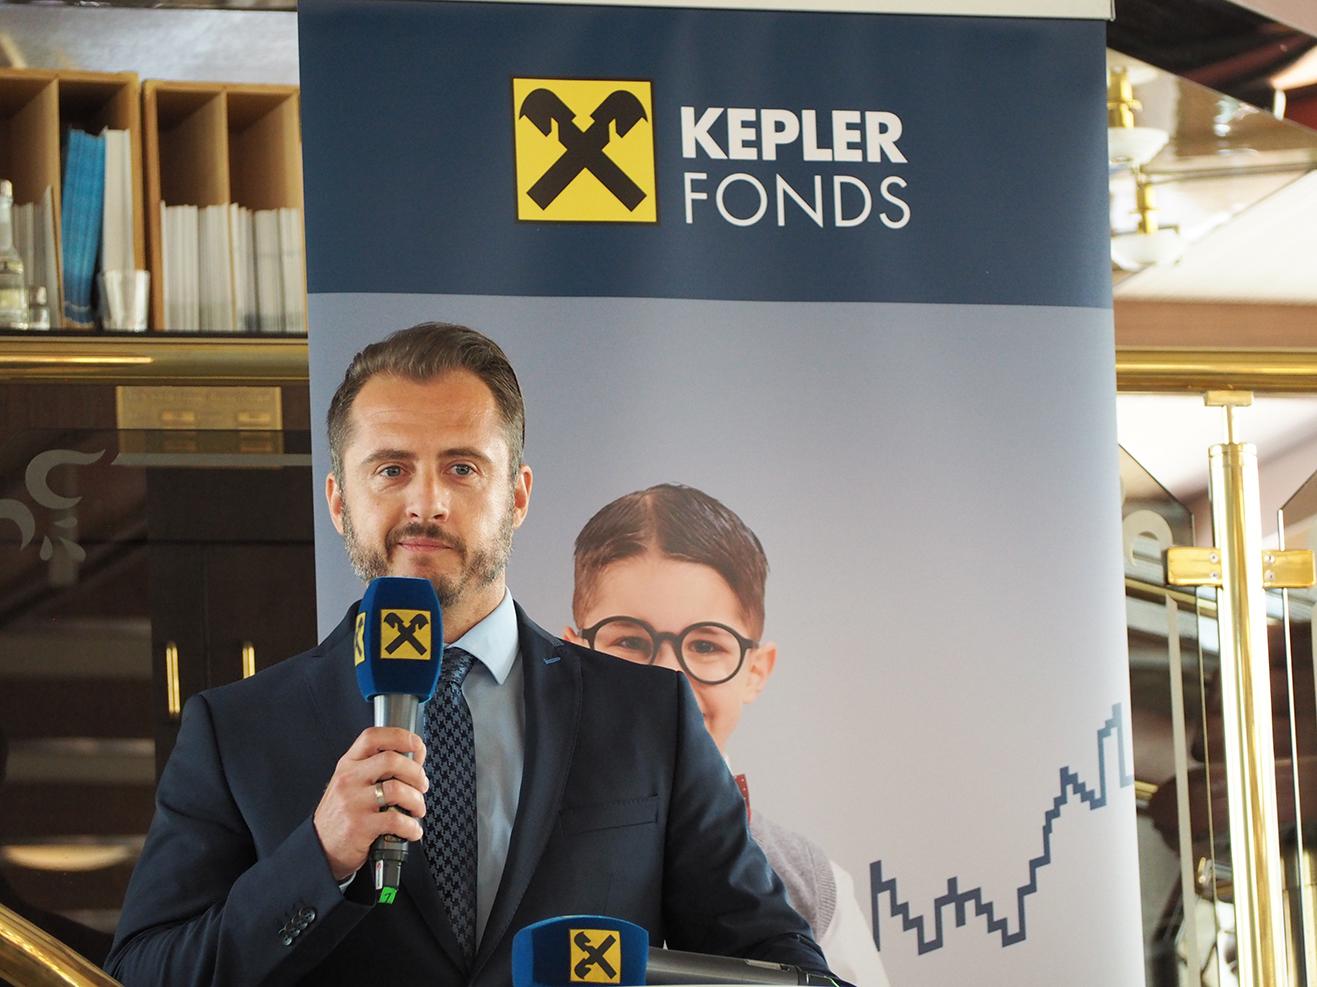 KEPLER FONDS KAG